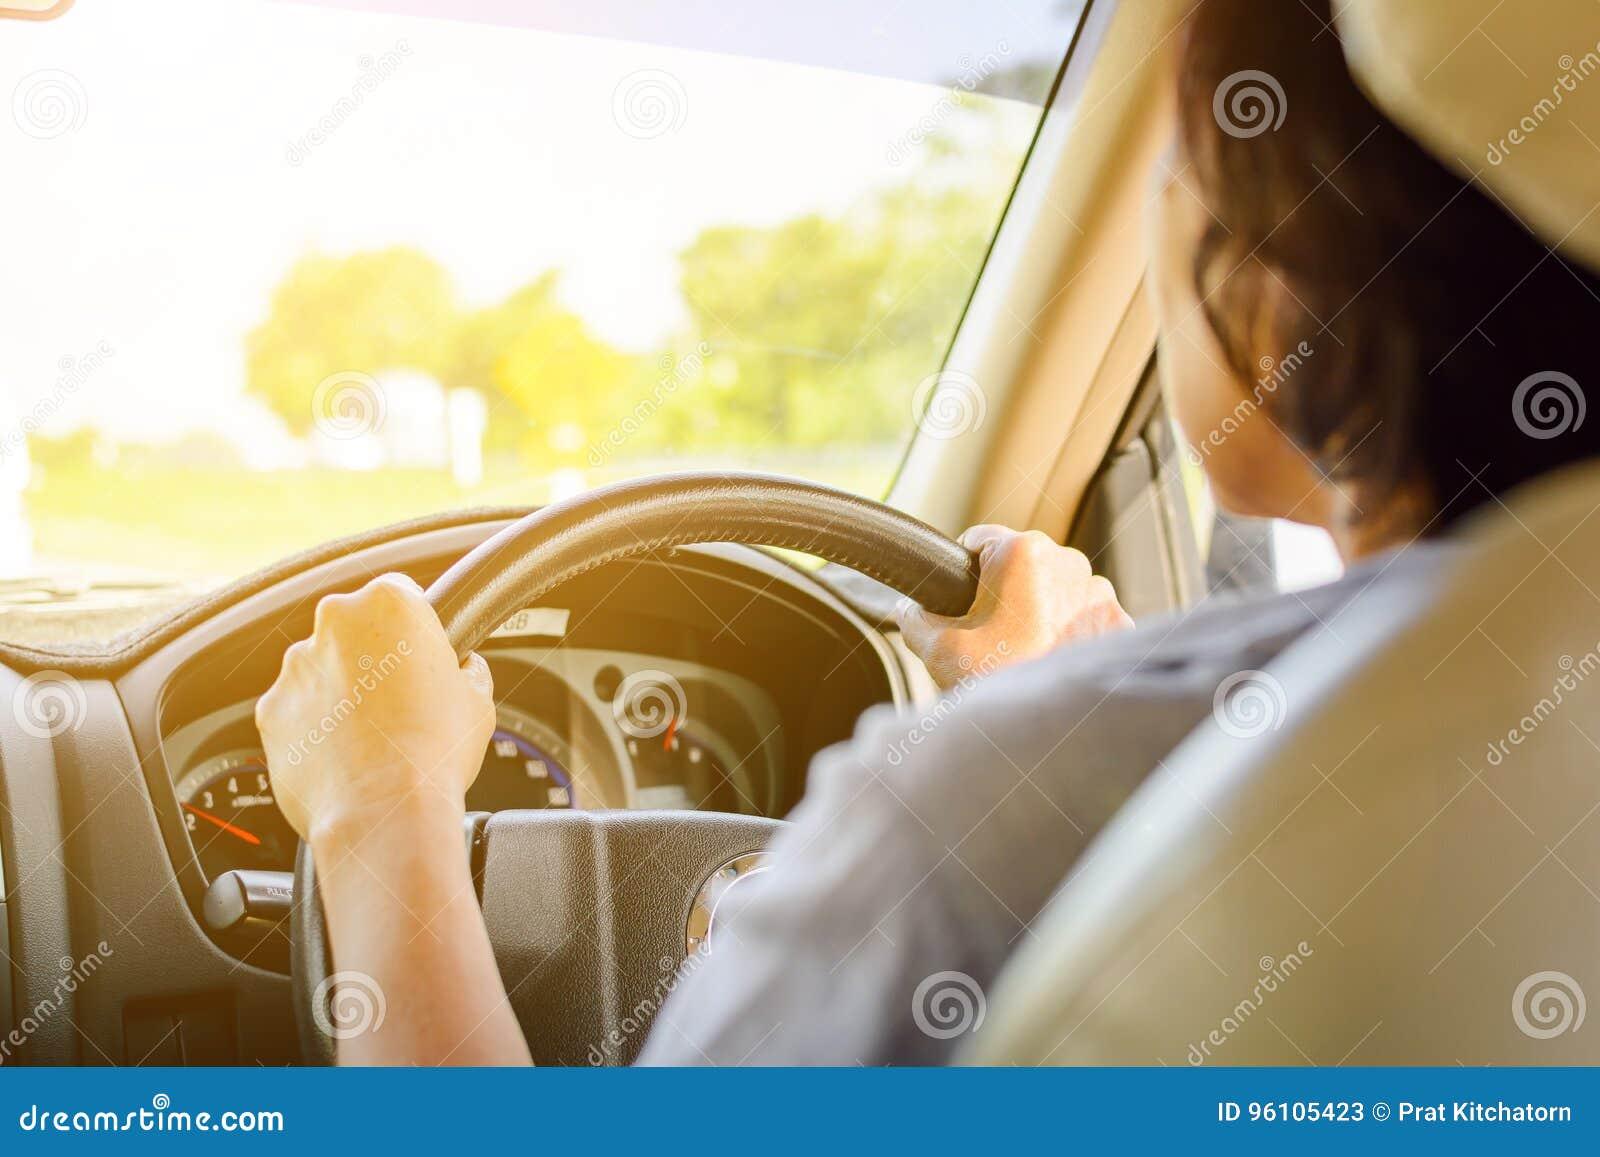 安全的驾驶在旅行和交通